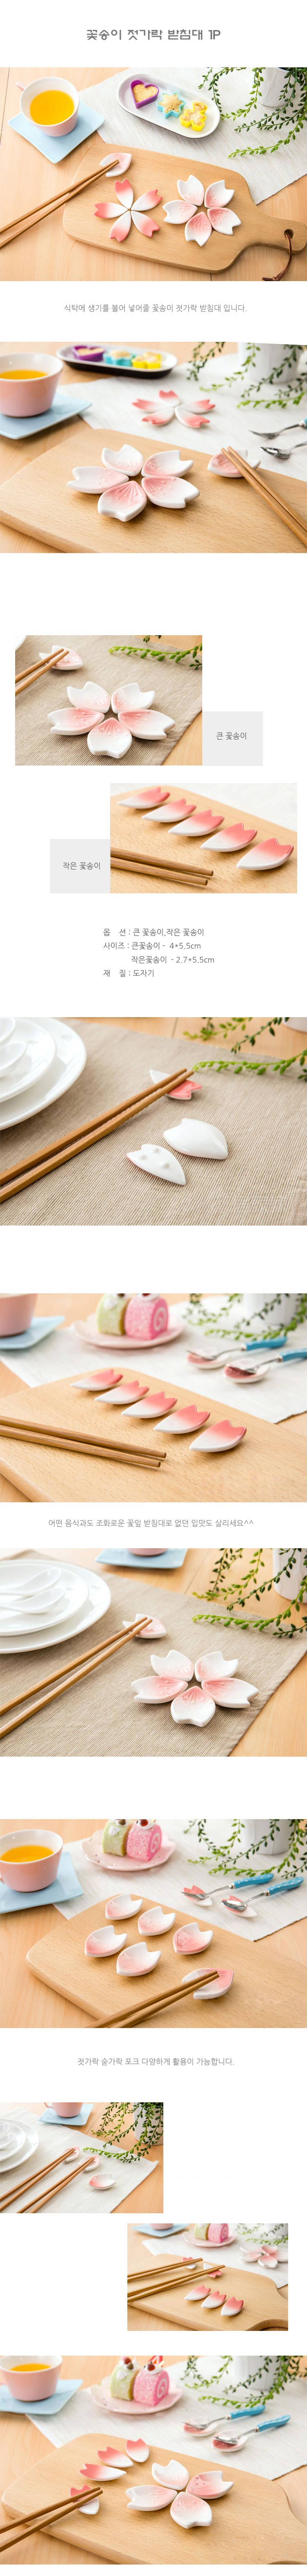 꽃송이 젓가락 받침대 1P - 제이엔터프라이스, 1,900원, 숟가락/젓가락/스틱, 수저받침